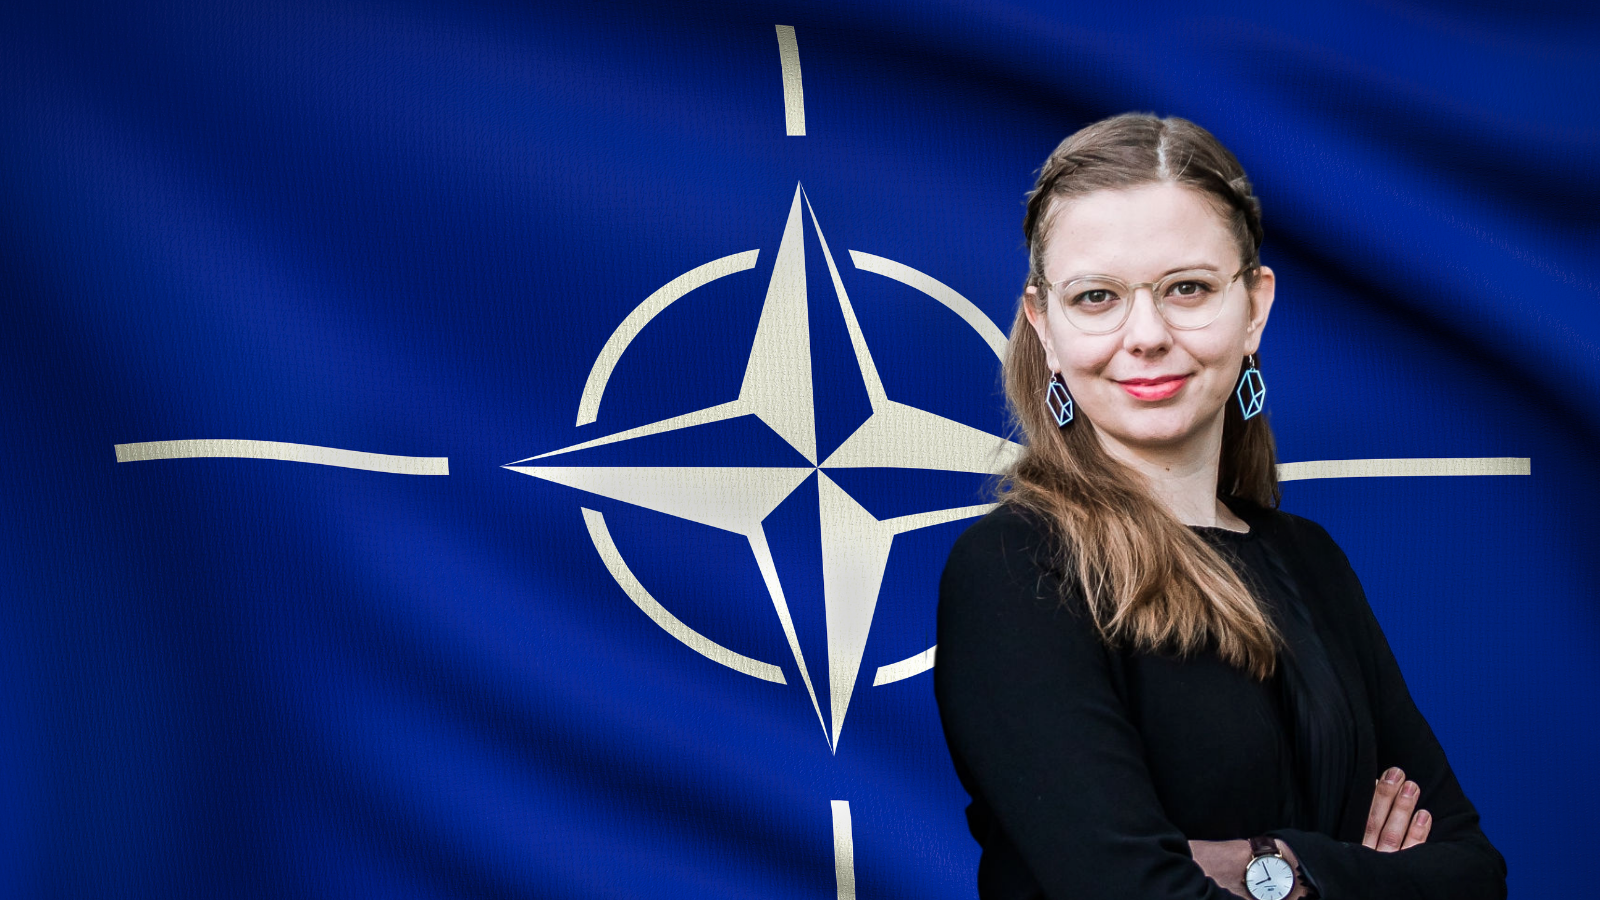 Naton aika on nyt